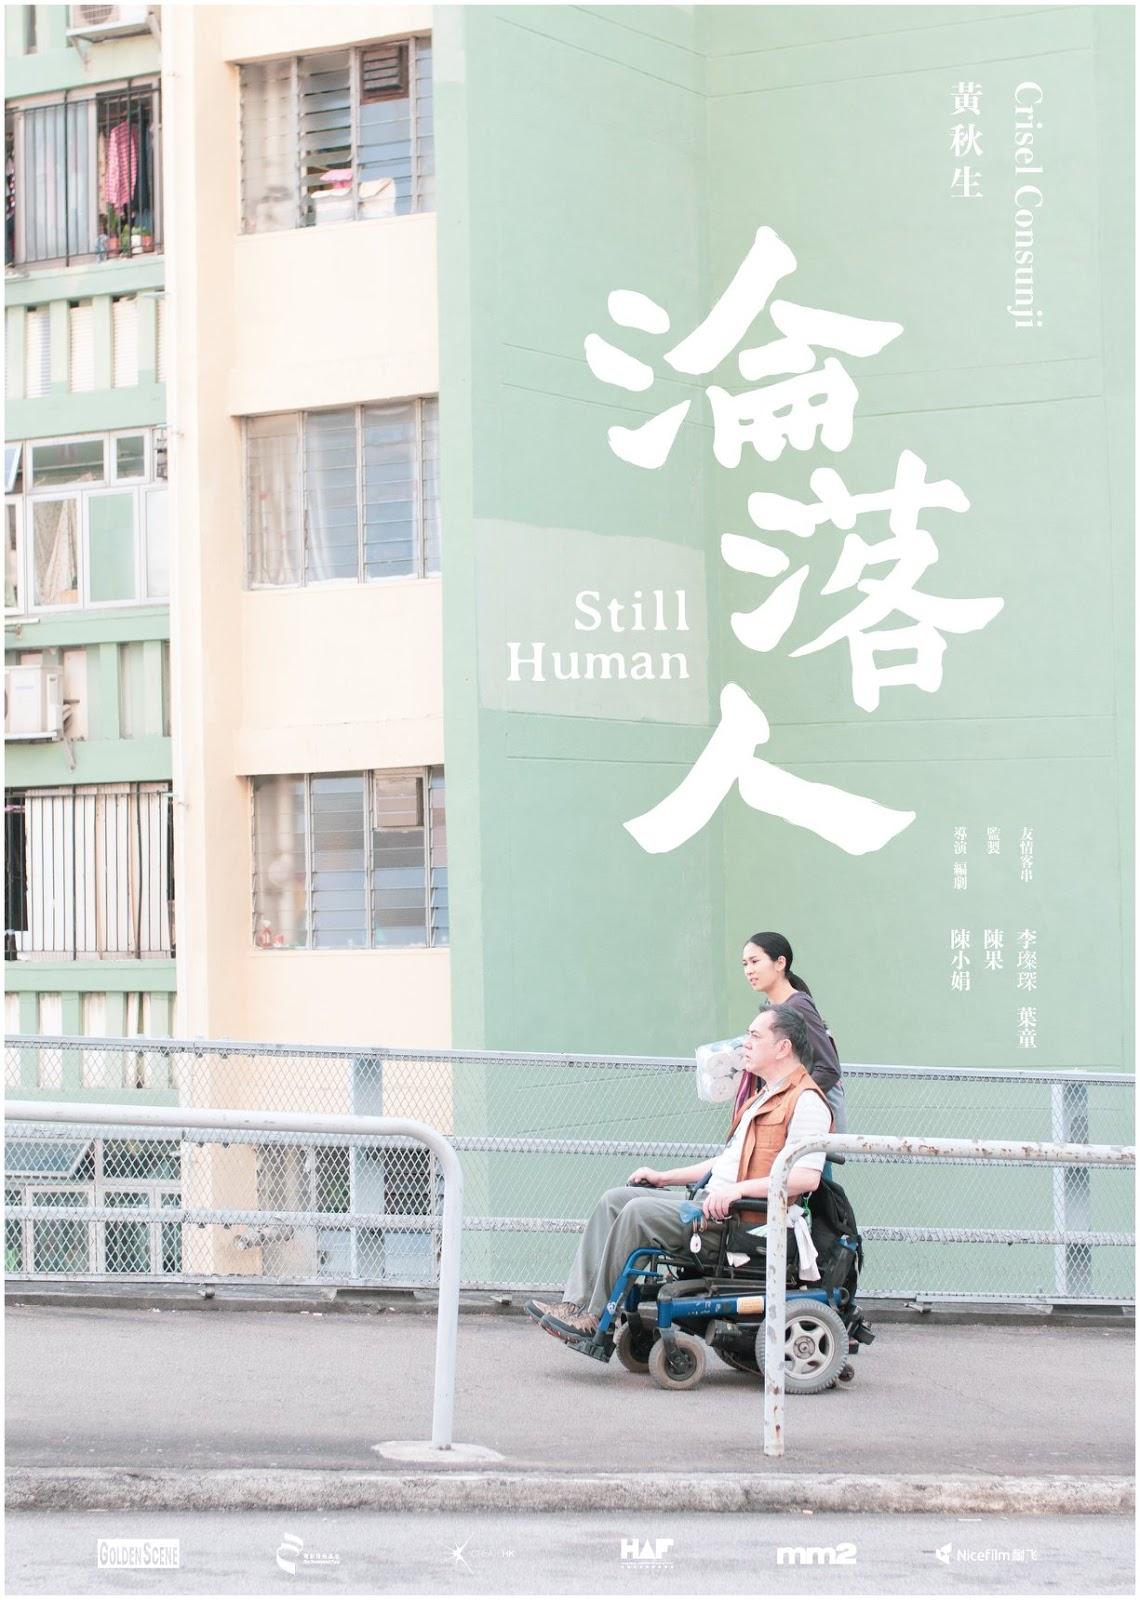 still-human-poster.jpg